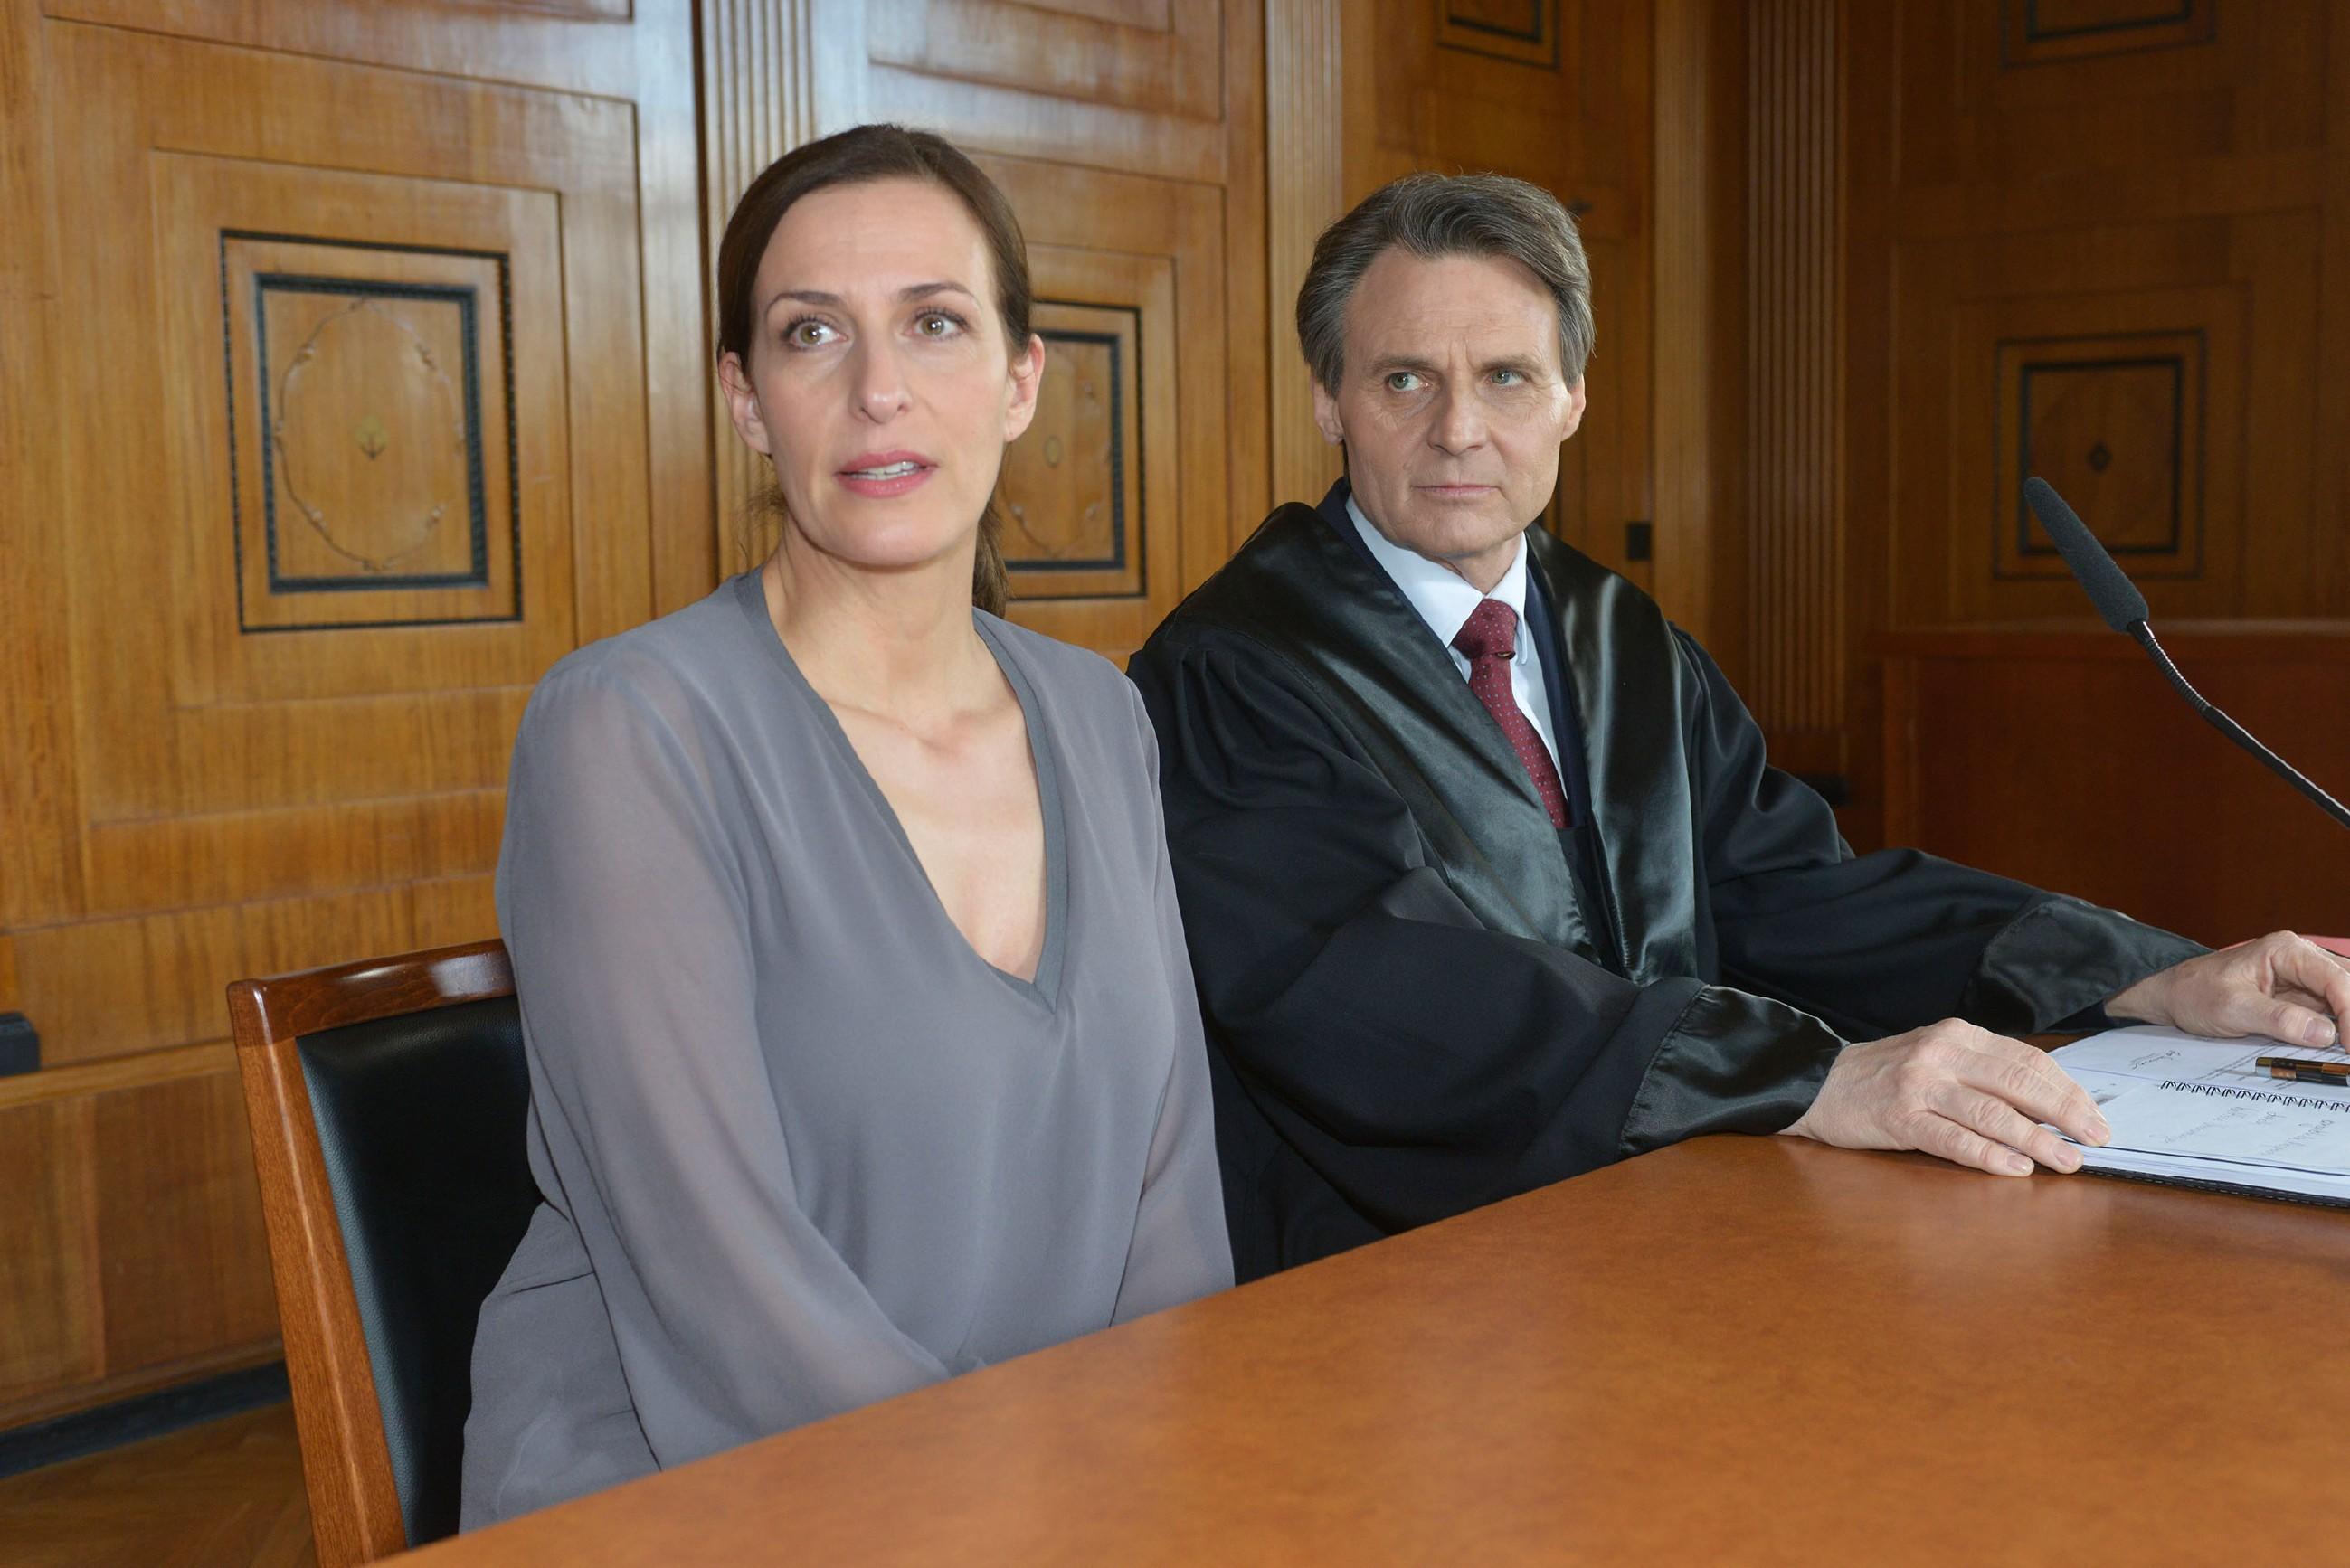 Katrin (Ulrike Frank) und Gerner (Wolfgang Bahro) erwarten in höchster Anspannung das Urteil. (Quelle: RTL / Rolf Baumgartner)